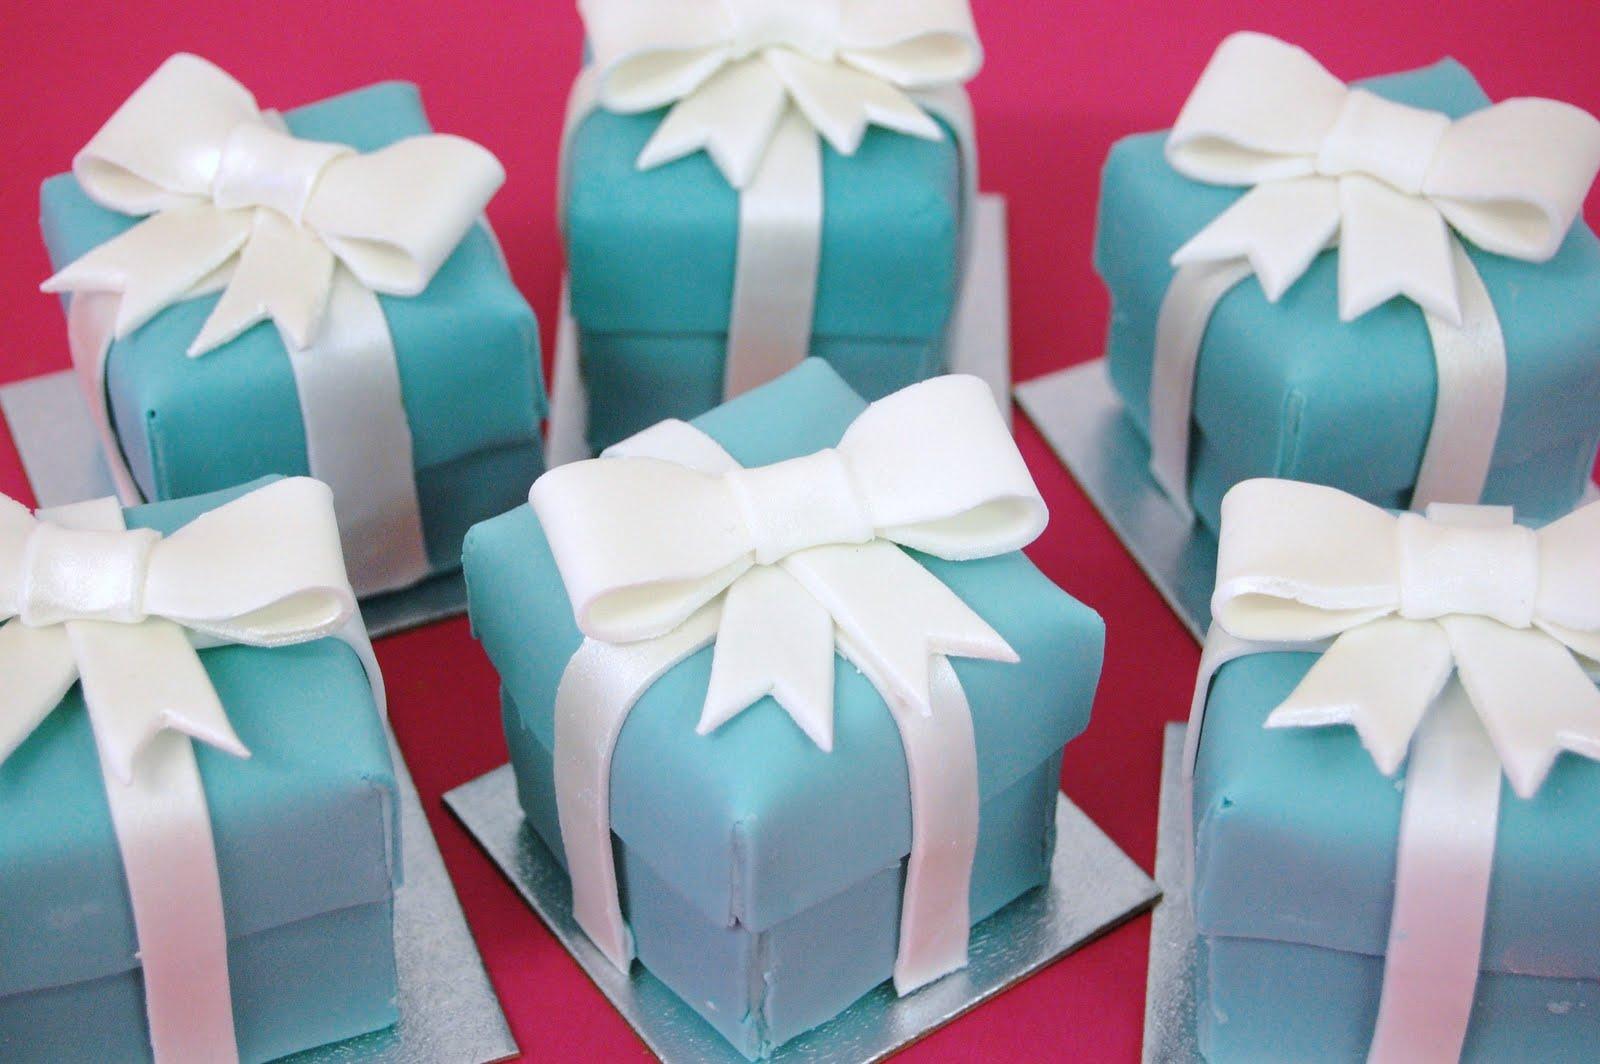 http://3.bp.blogspot.com/_CCASIydMBDQ/TK87Wx8e2cI/AAAAAAAAAtk/eYJomLAI2XY/s1600/Tiffany%2BBox%2BCakes2.jpg